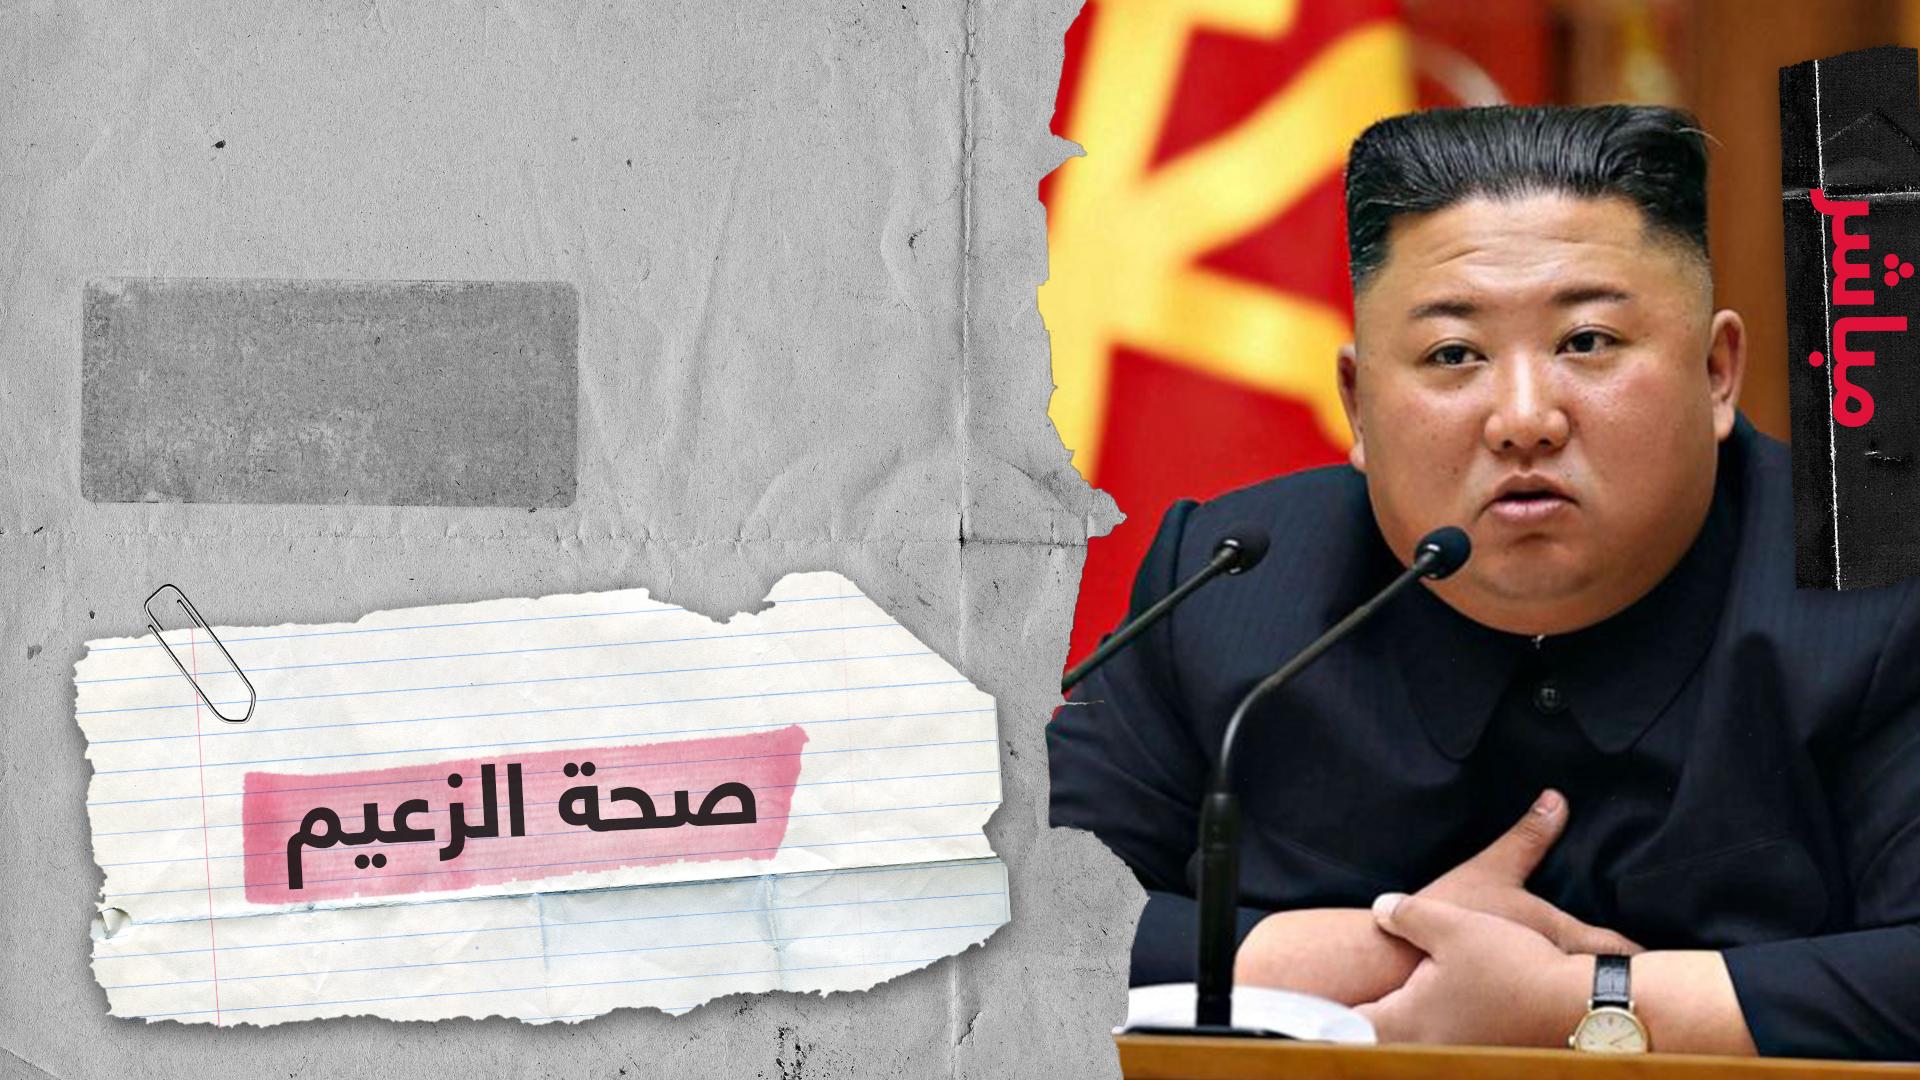 صحة زعيم كوريا الشمالية كيم جونغ أون تشغل بال العالم